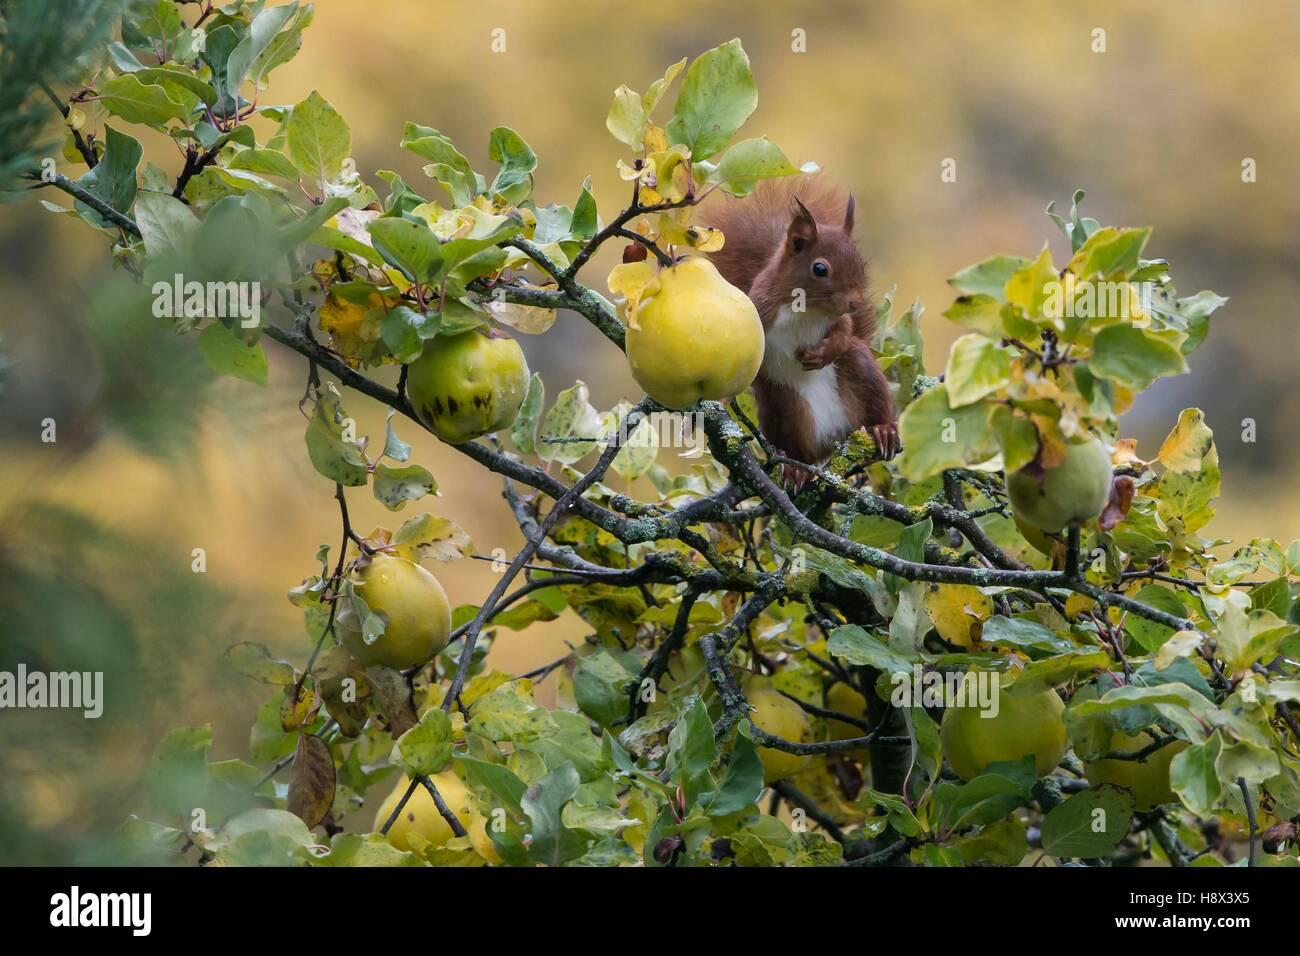 Eichhörnchen (Sciurus Vulgaris), In einem Quitte Baum (Cydonia Vulgaris) inautumn in einem Landschaftsgarten, Stockbild